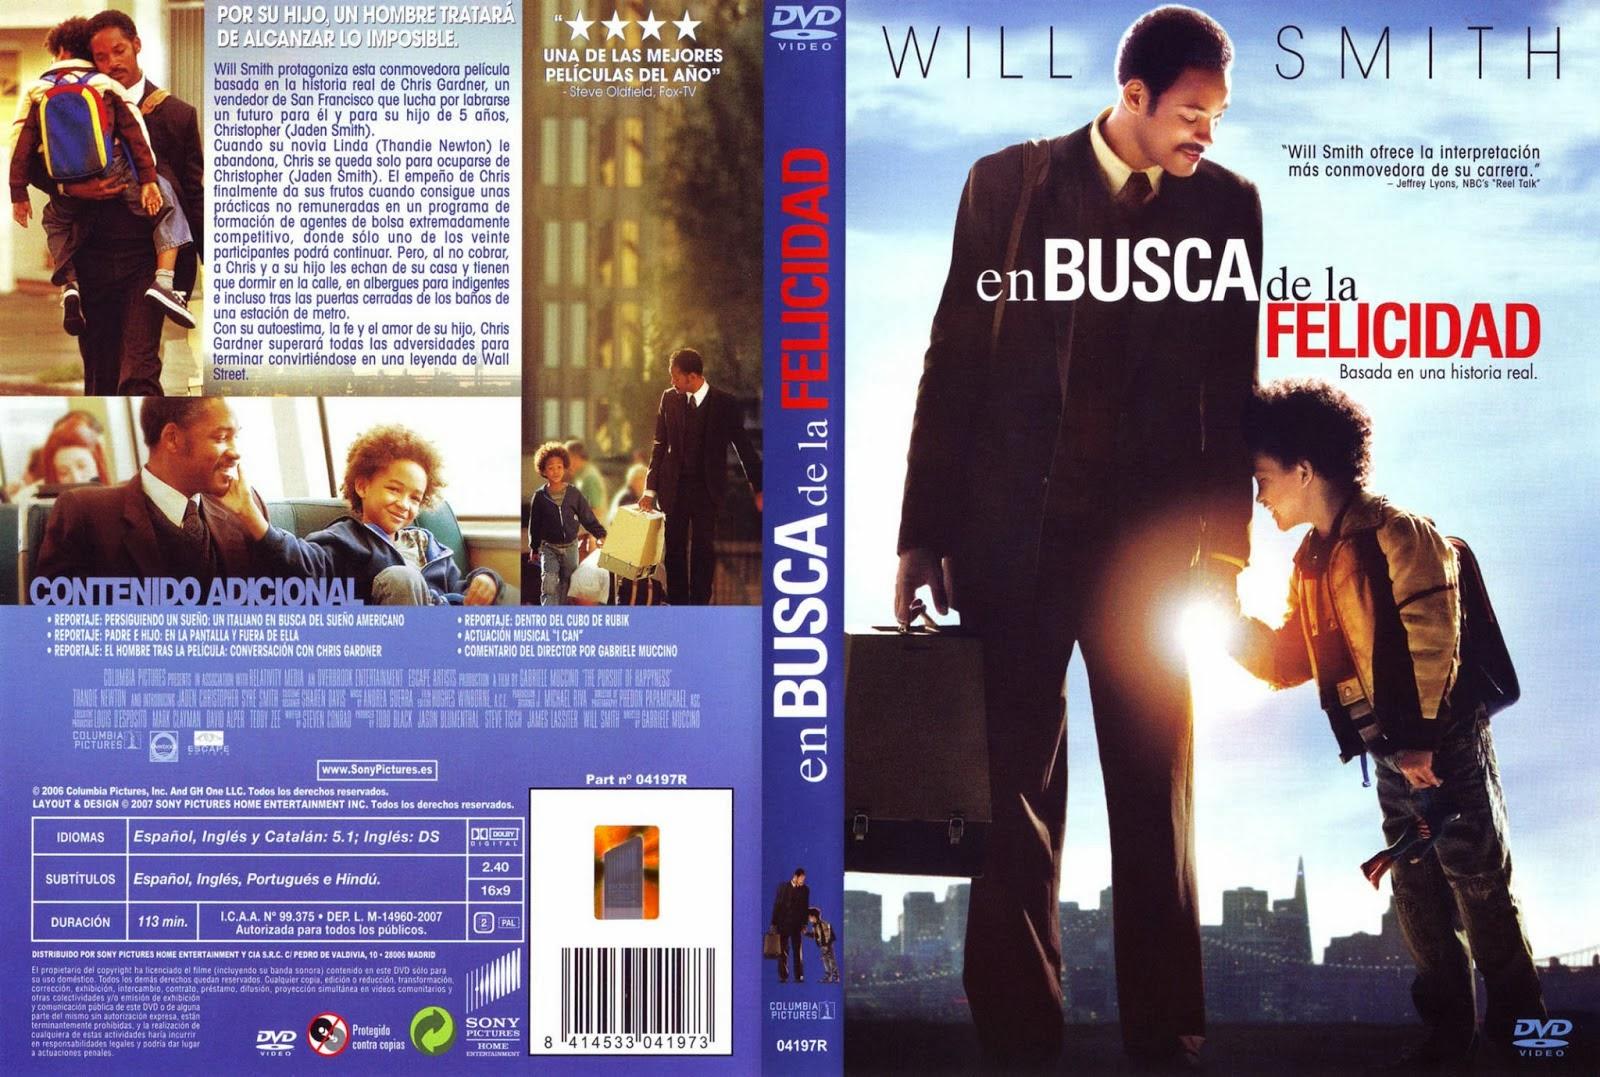 En Busca de la Felicidad DVD